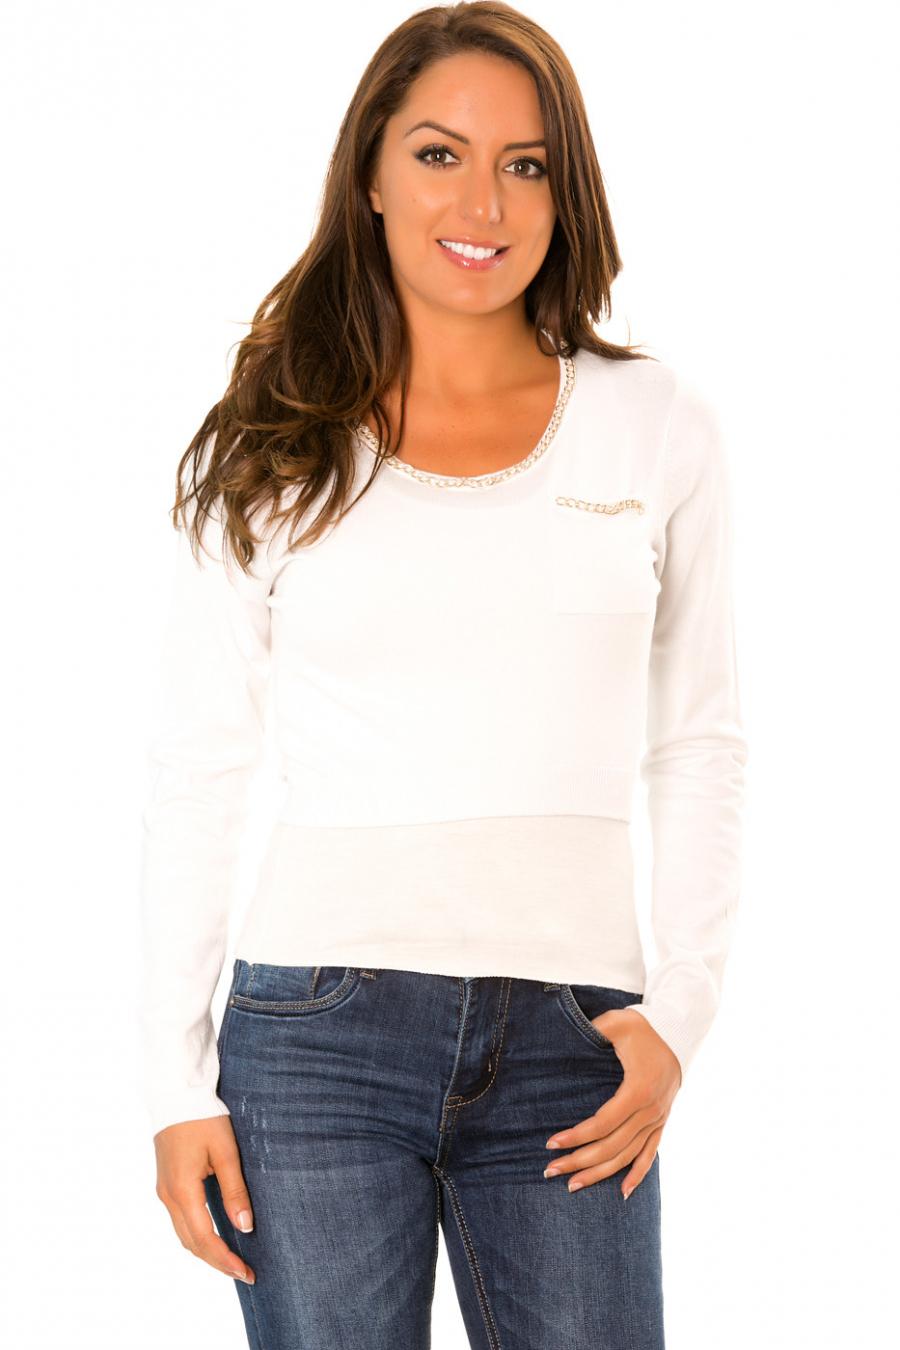 Witte crop top sweater met zakken en mooie halslijn. PU-892